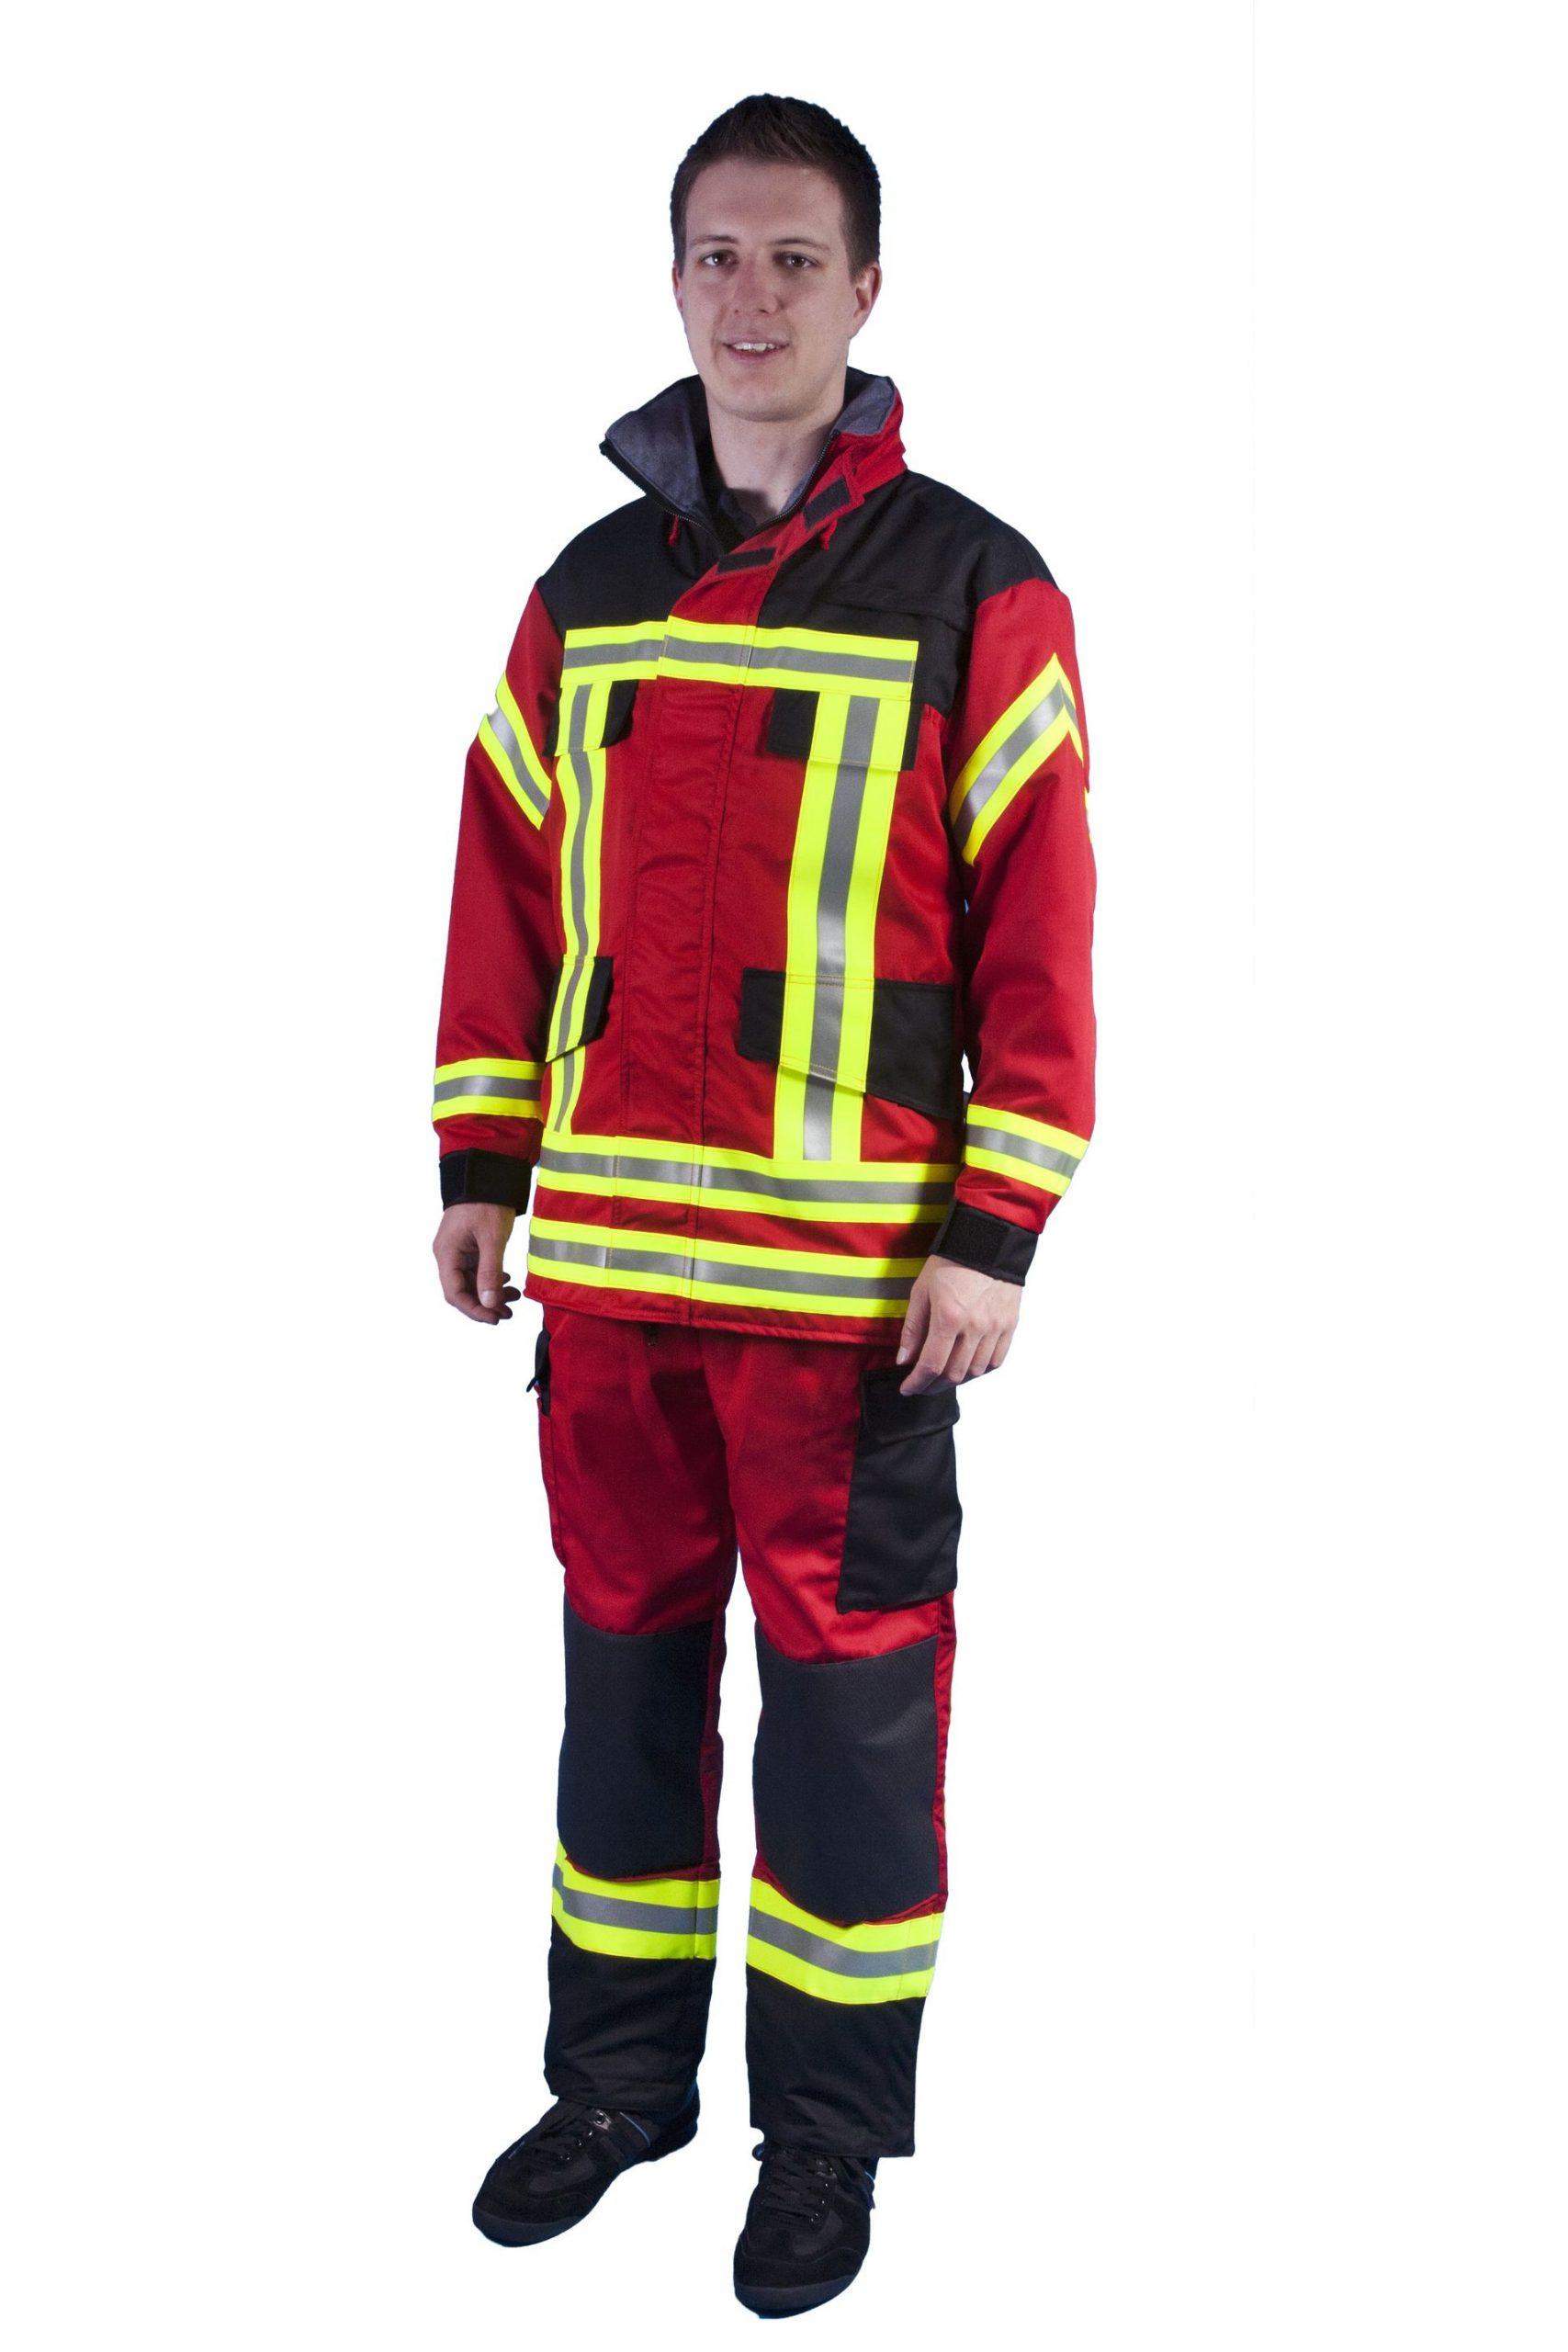 Thl-Arbeitsjacke Art. 9989/rot für Kinder Feuerwehrkleidung